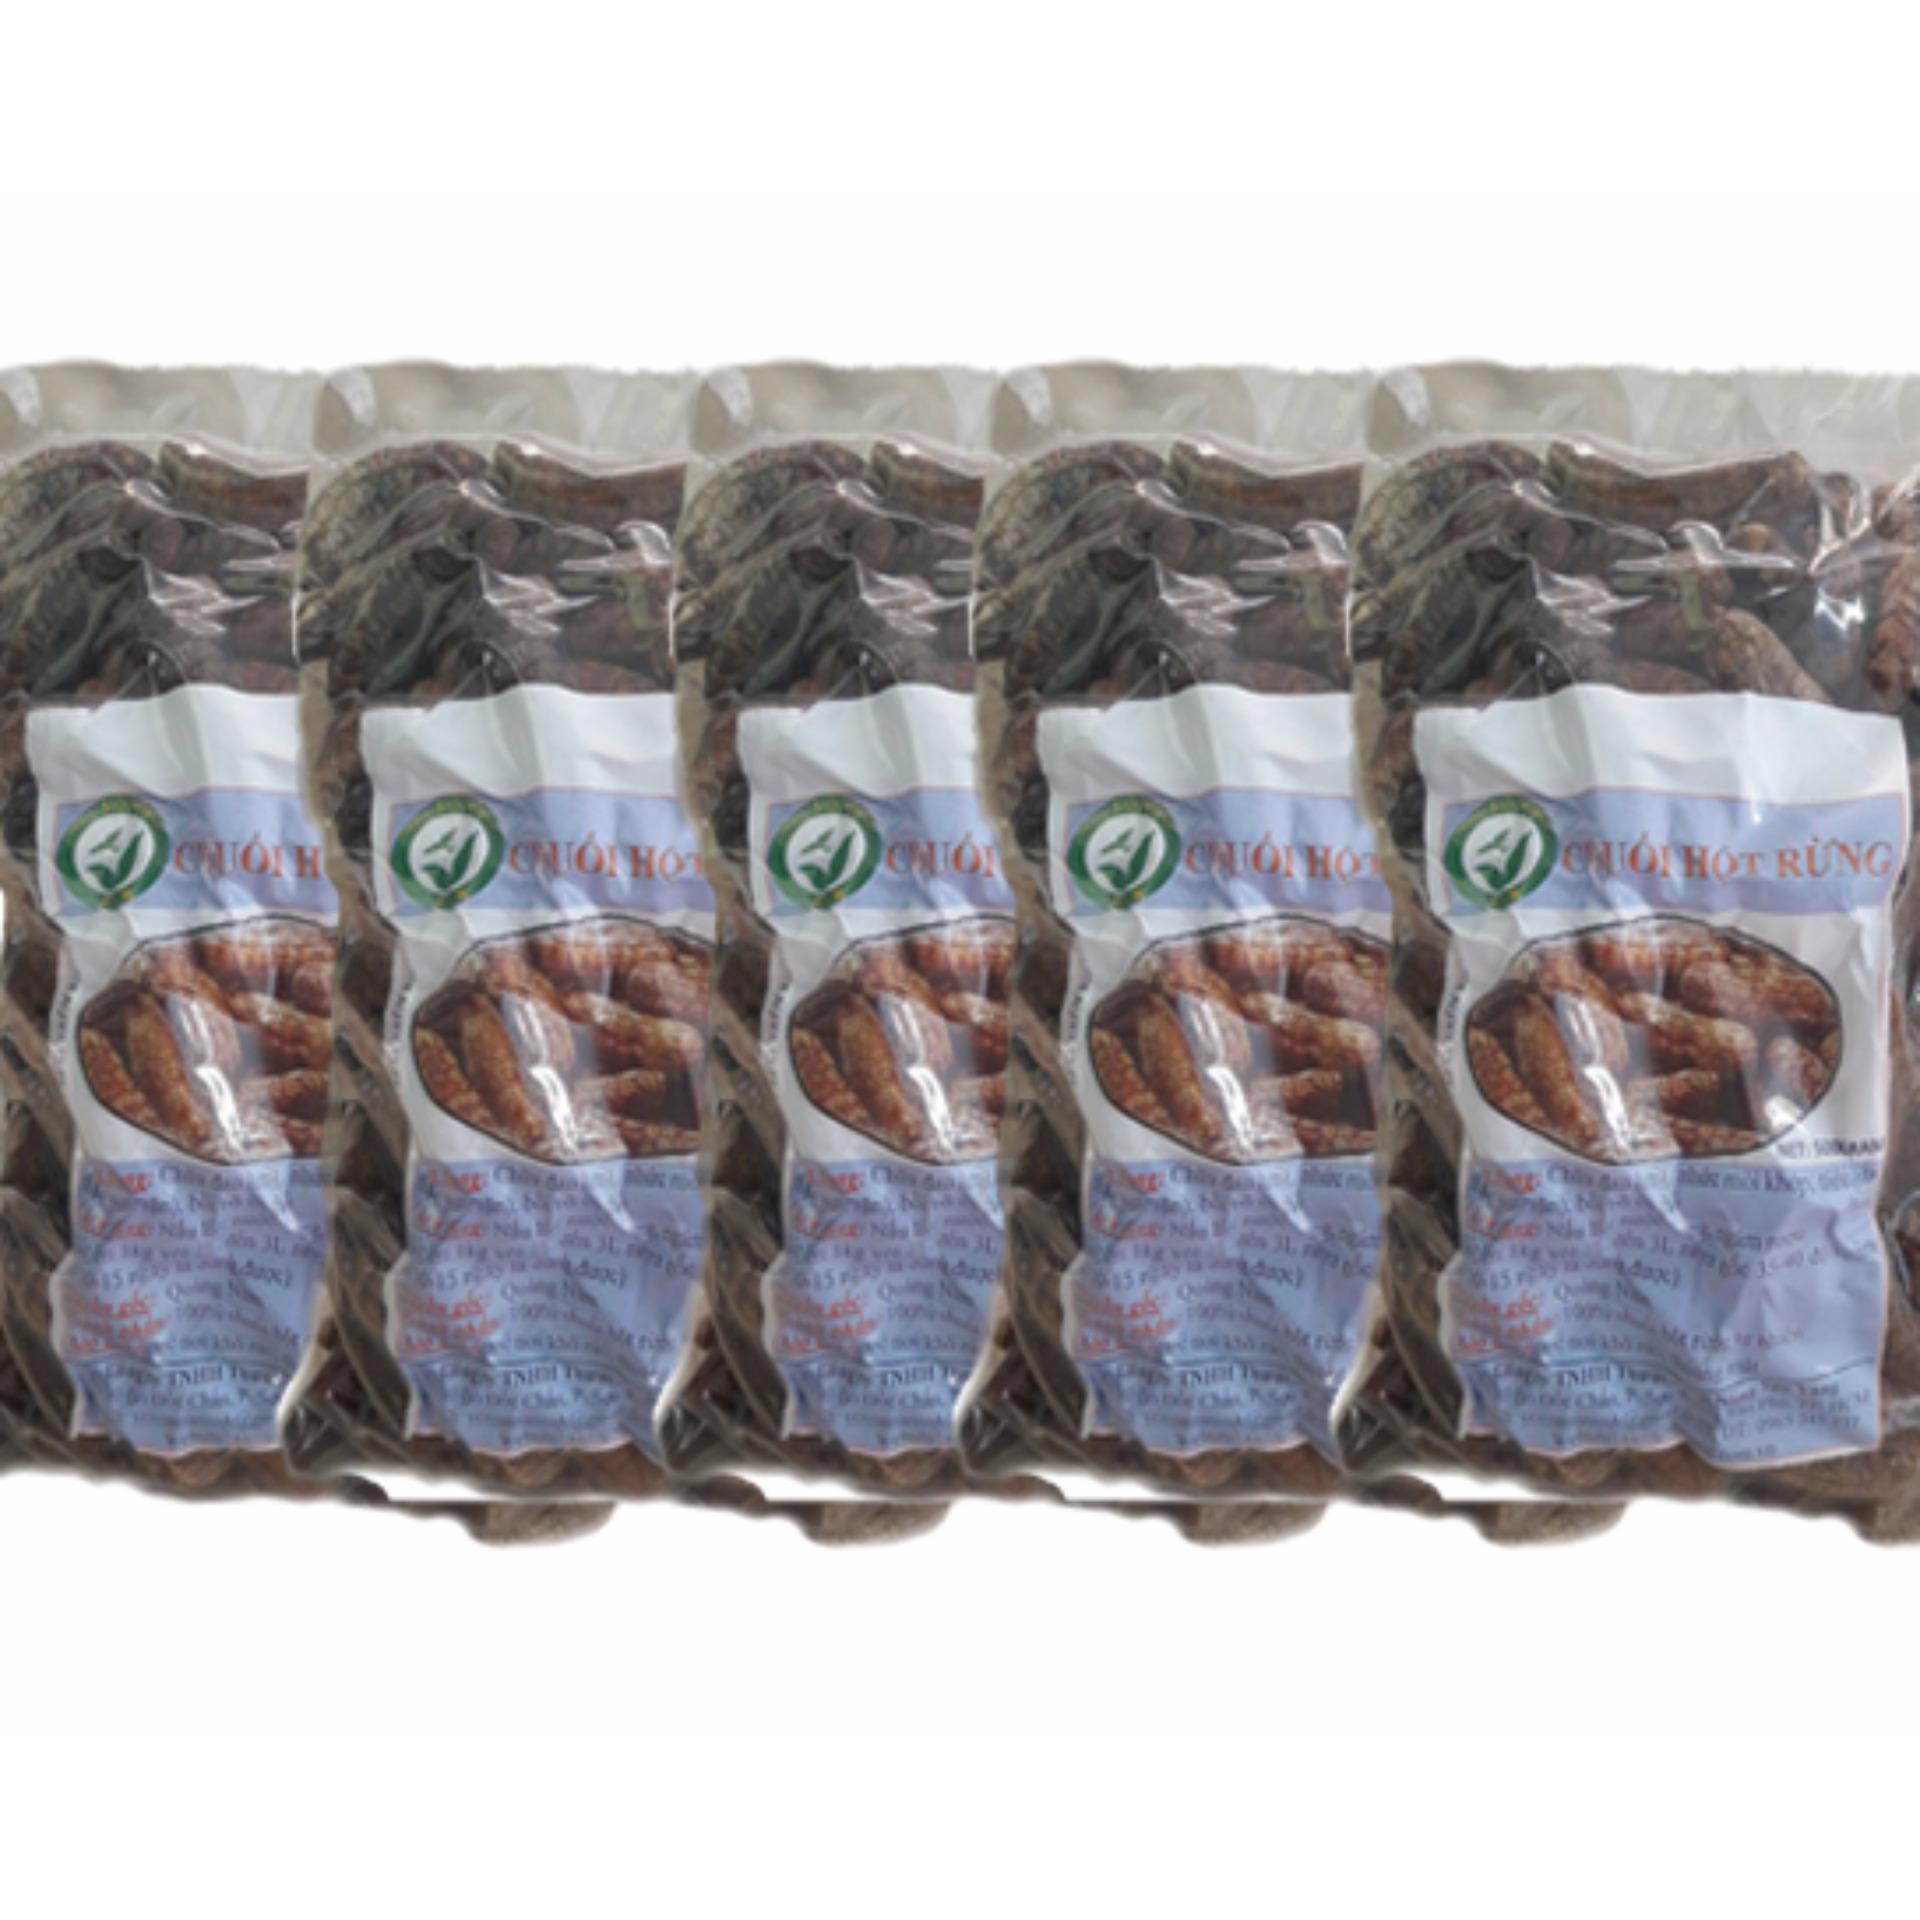 Giá Sốc Quả Chuối Hột Rừng Ngâm Rượ u 5kg